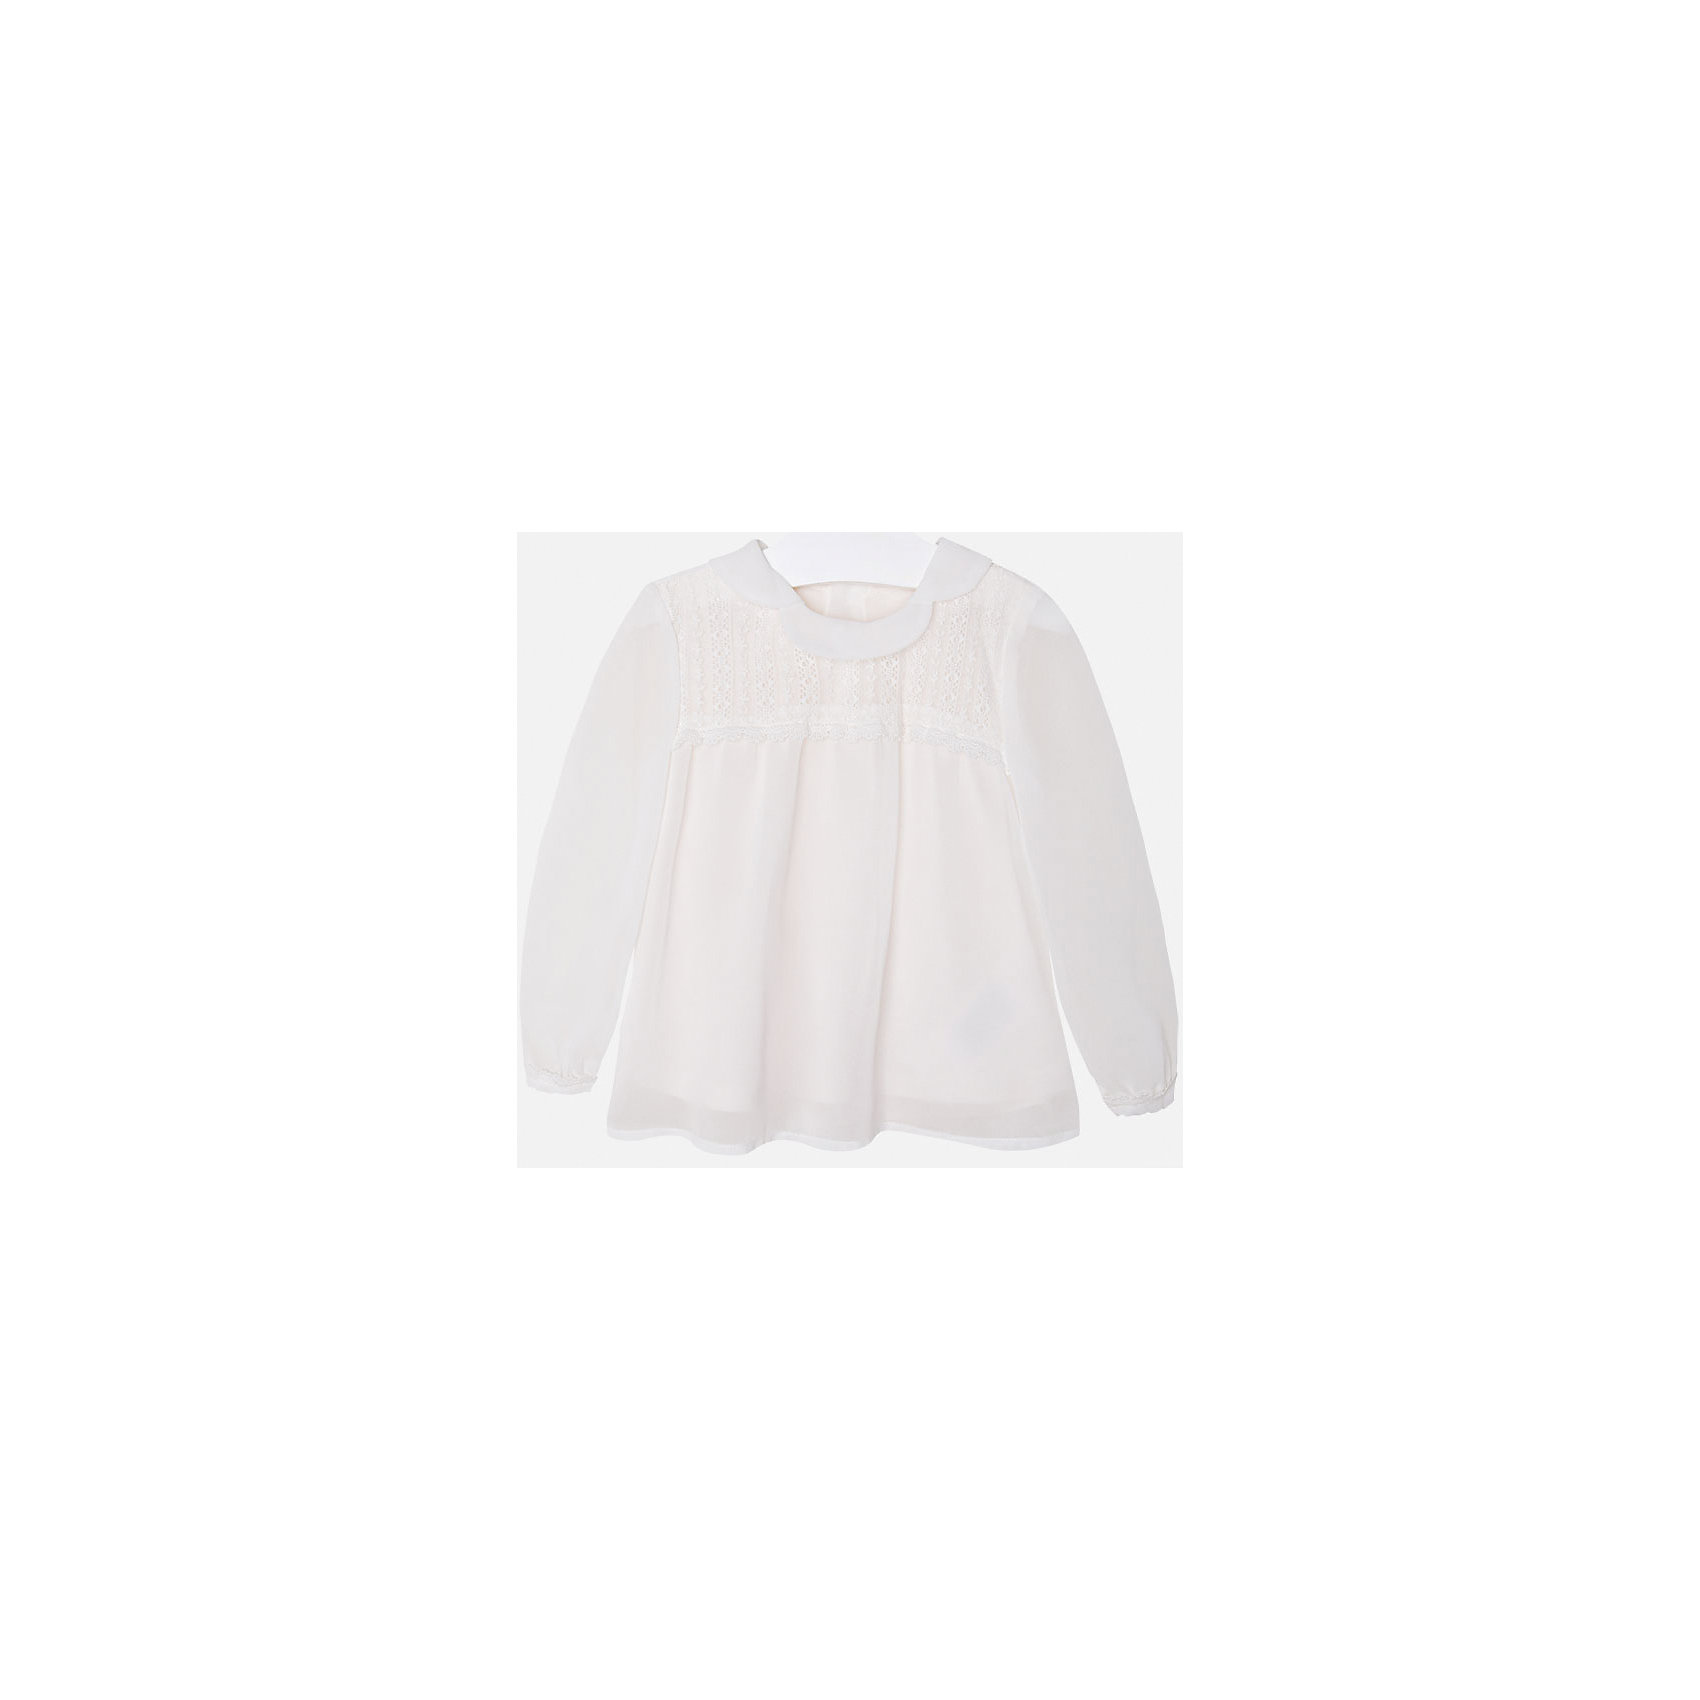 Блузка для девочки MayoralНарядная кремовая блузка для девочки торговой марки    Майорал -Mayoral<br>Блуза кремового цвета, свободного кроя, с красивыотложным воротничком. Будет прекрасным дополнением для нарядного образа Вашей девочки.<br><br>Дополнительная инфориация:<br><br>- вид застежки: пуговицы<br>- длина рукава: длинные<br>- фактура материала: текстильный<br>- длина изделия: по спинке: 48 см<br>- покрой: прямой<br>- состав:100% полиэстер; подкладка: 100% хлопок<br>- уход за вещами: бережная стирка при 30 градусах<br>- рисунок: без рисунка<br>- назначение: повседневная<br>- сезон: круглогодичный<br>- пол: девочки<br>- страна бренда: Испания<br>- страна производитель:  Индия<br>- комплектация: блузка<br><br>Блуза для девочки  торговой марки    Майорал можно купить в нашем интернет магазине<br><br>Ширина мм: 186<br>Глубина мм: 87<br>Высота мм: 198<br>Вес г: 197<br>Цвет: бежевый<br>Возраст от месяцев: 96<br>Возраст до месяцев: 108<br>Пол: Женский<br>Возраст: Детский<br>Размер: 134,110,104,116,128,98,122<br>SKU: 4846536